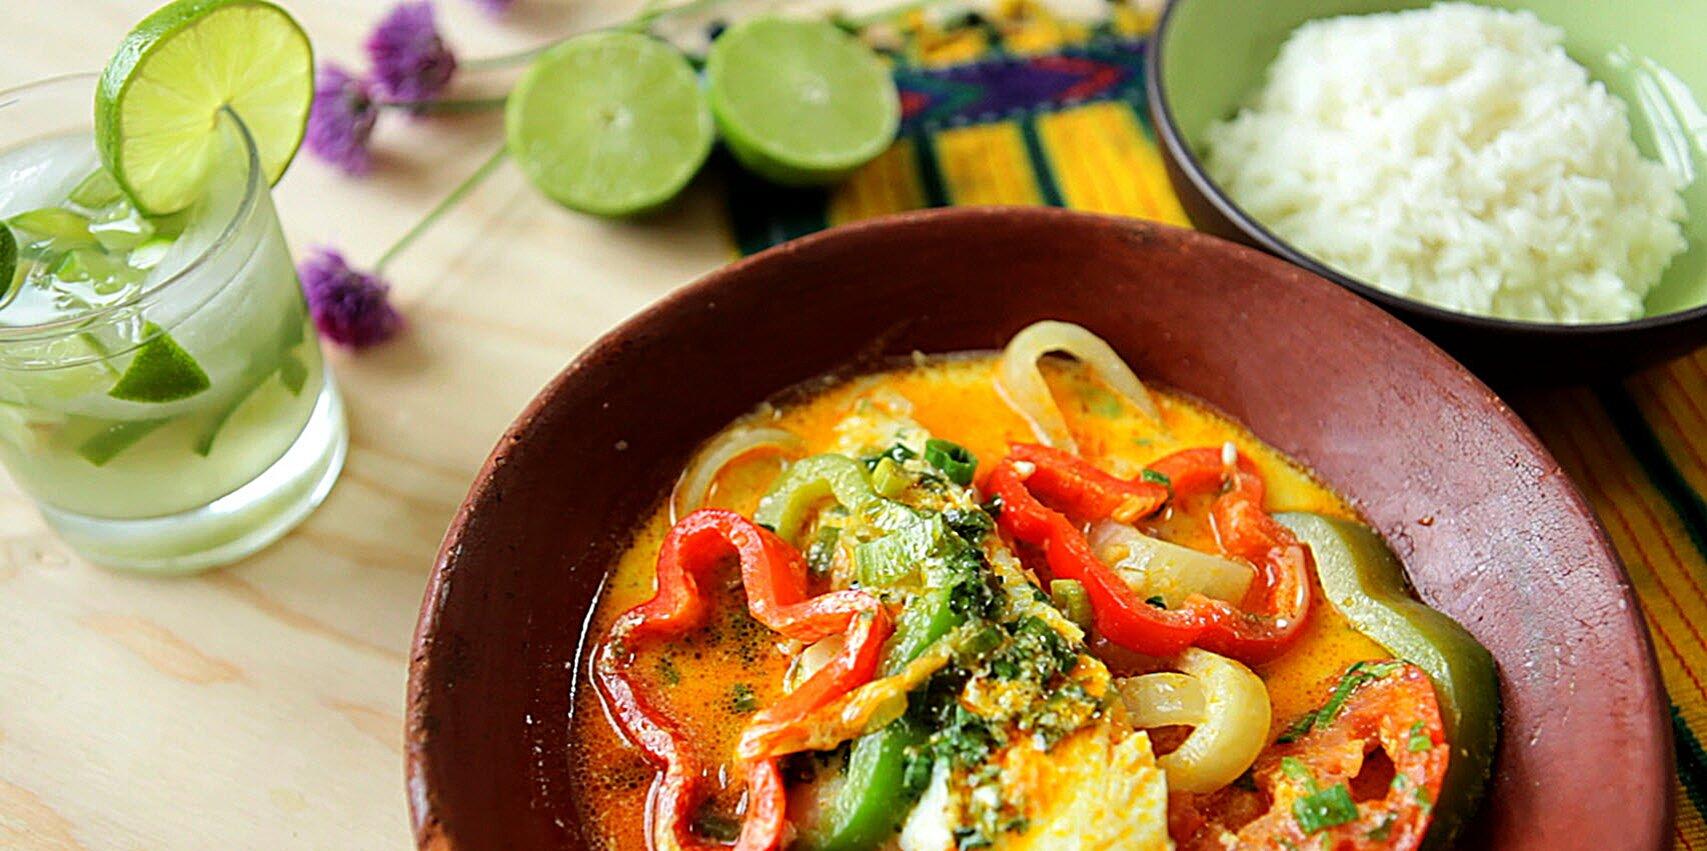 moqueca de peixe baiana brazilian fish stew recipe